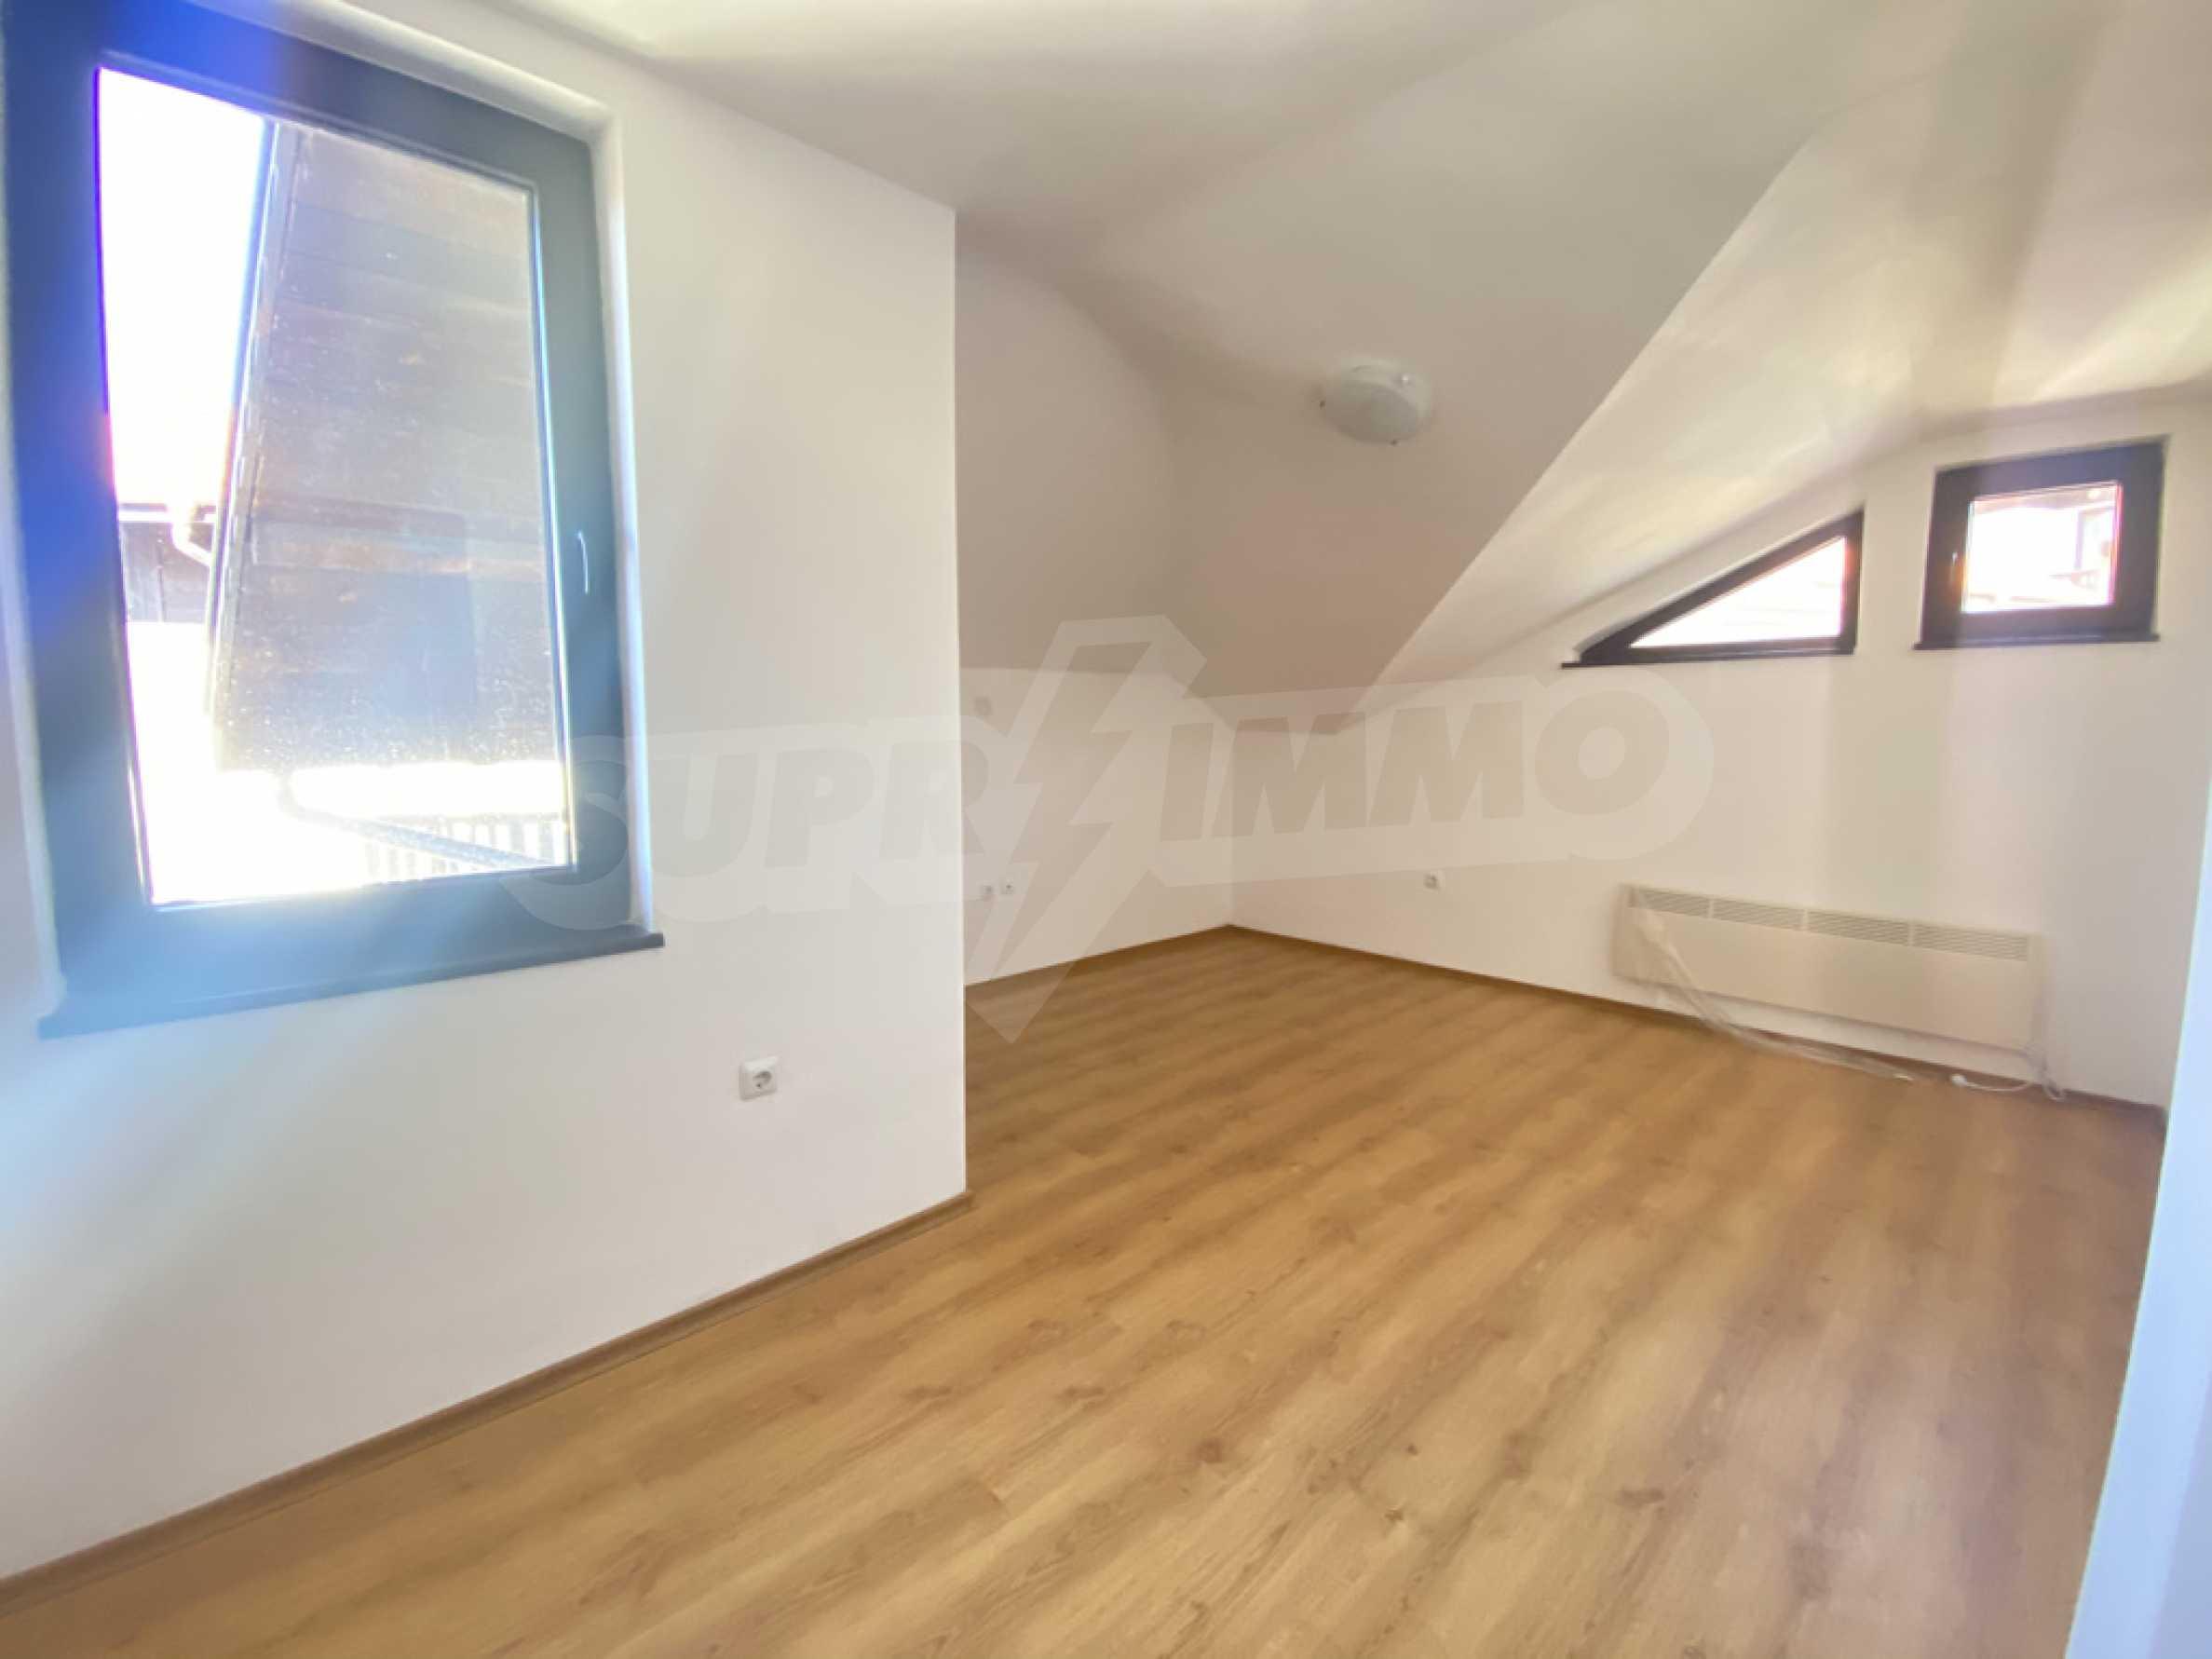 Необзаведен двустаен апартамент в СПА комплекс в Банско 2